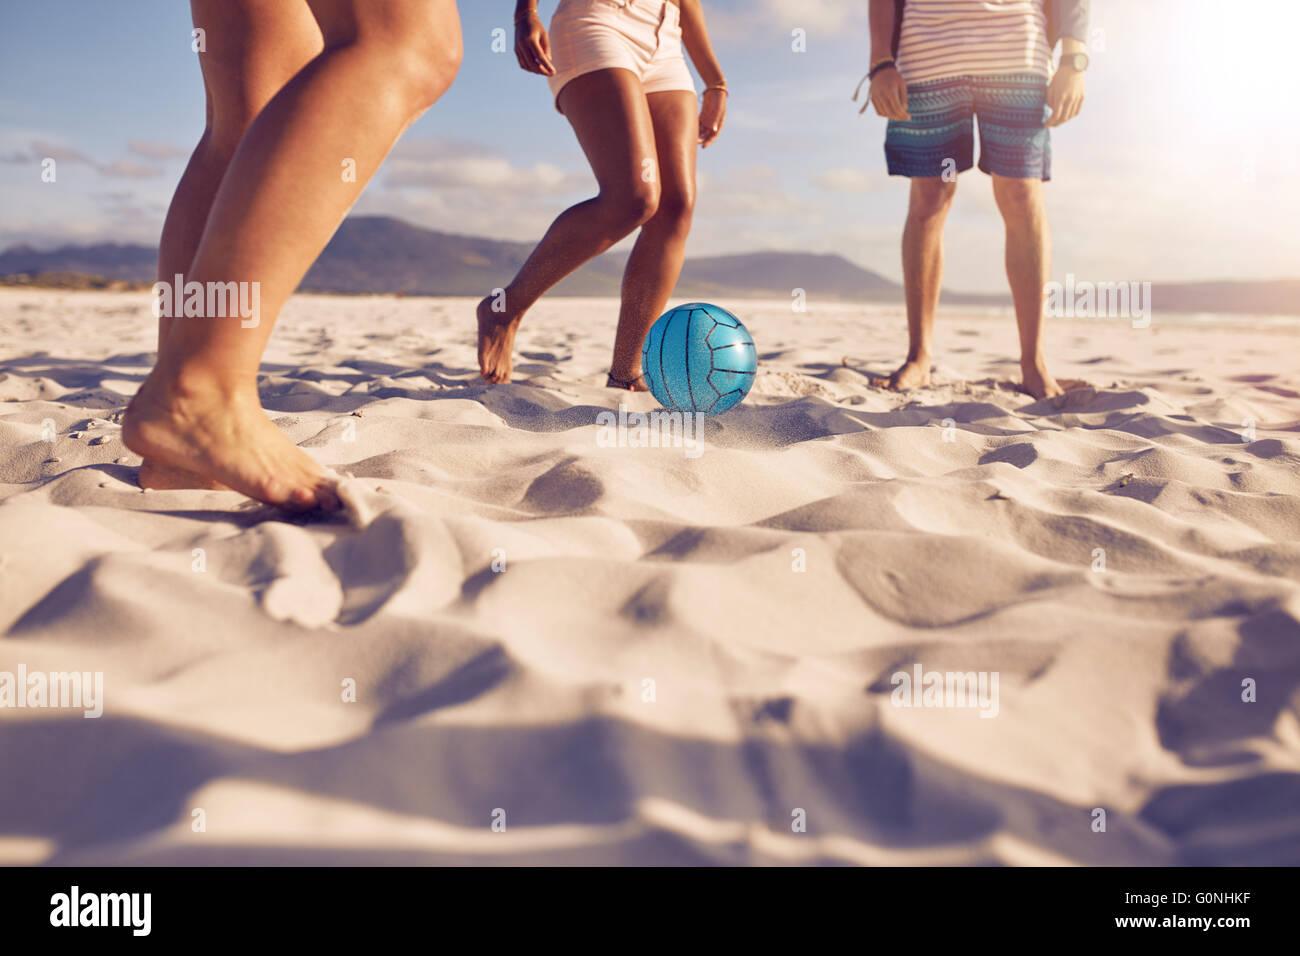 Bajo la sección retrato de grupo de amigos jugando al fútbol en la playa. Una chica está pasando Imagen De Stock